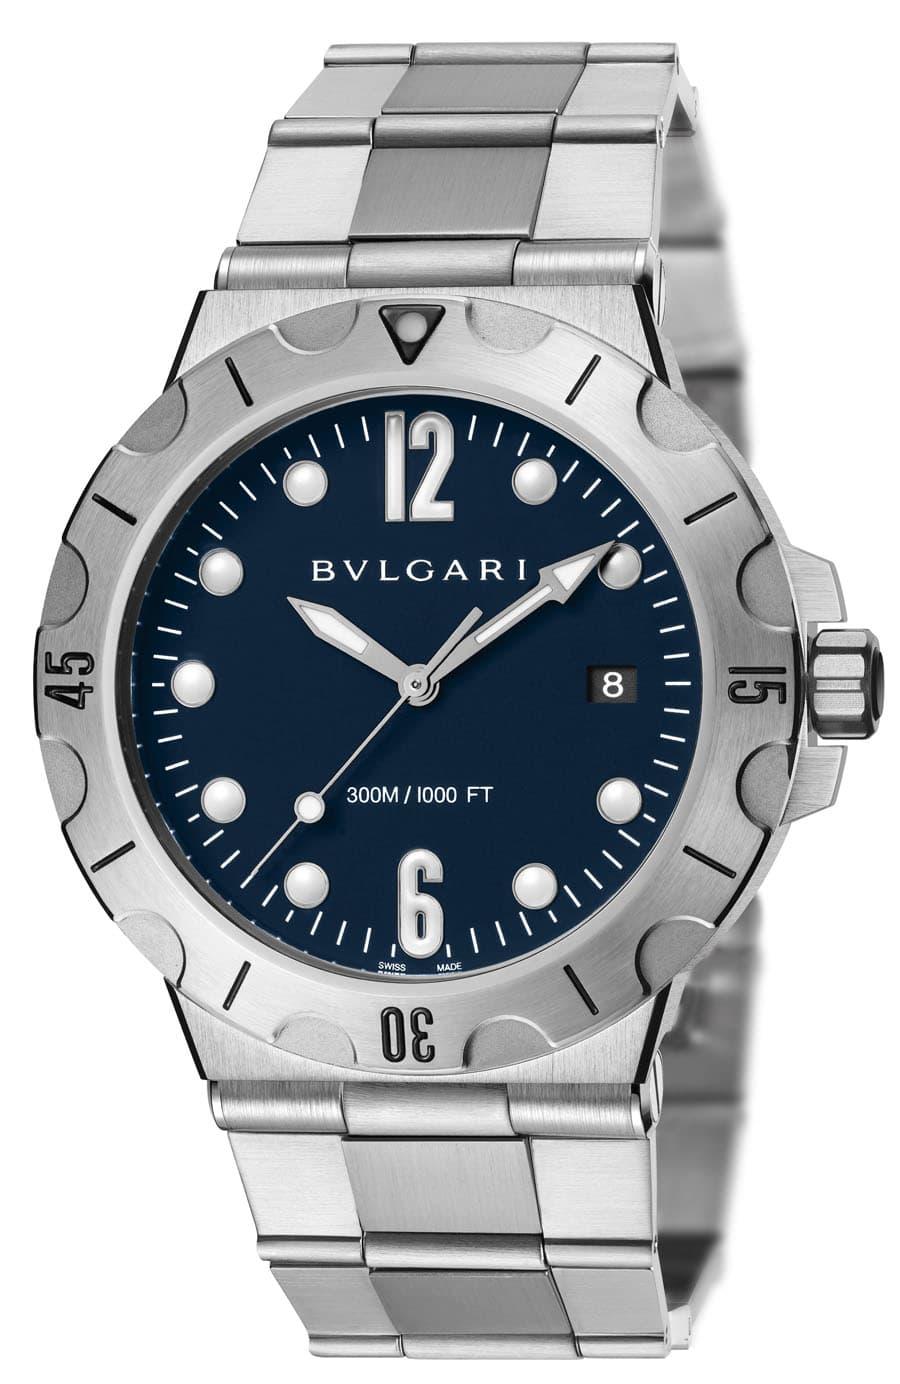 Uhren-Ikonen und ihre Alternativen: Bulgari Diagono Scuba